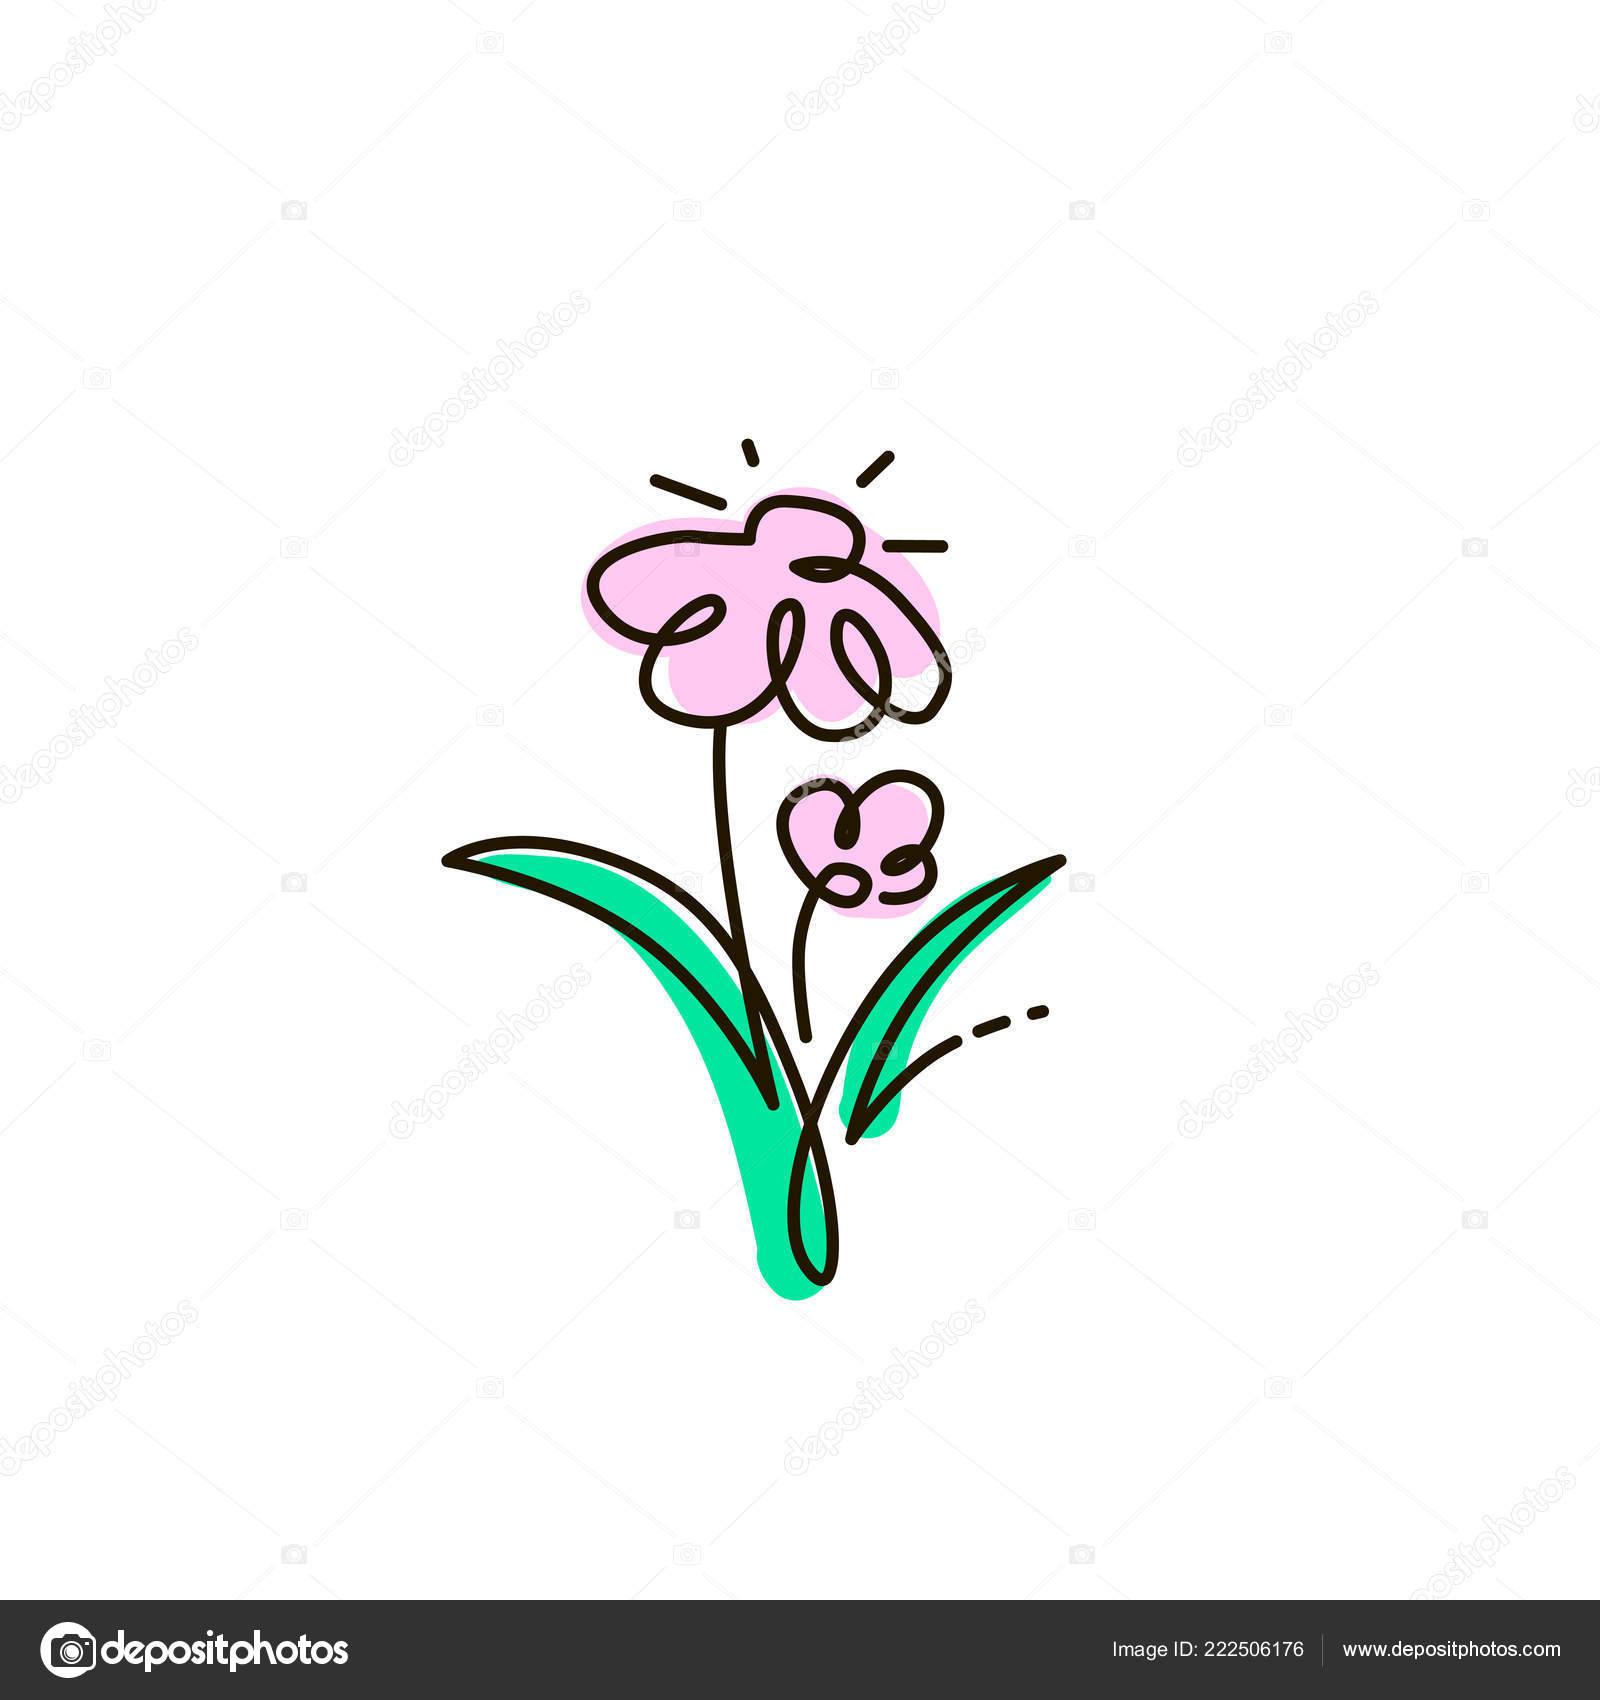 Vektorove Cary Dva Kvety Zahradni Jeden Radek Barevne Kresby